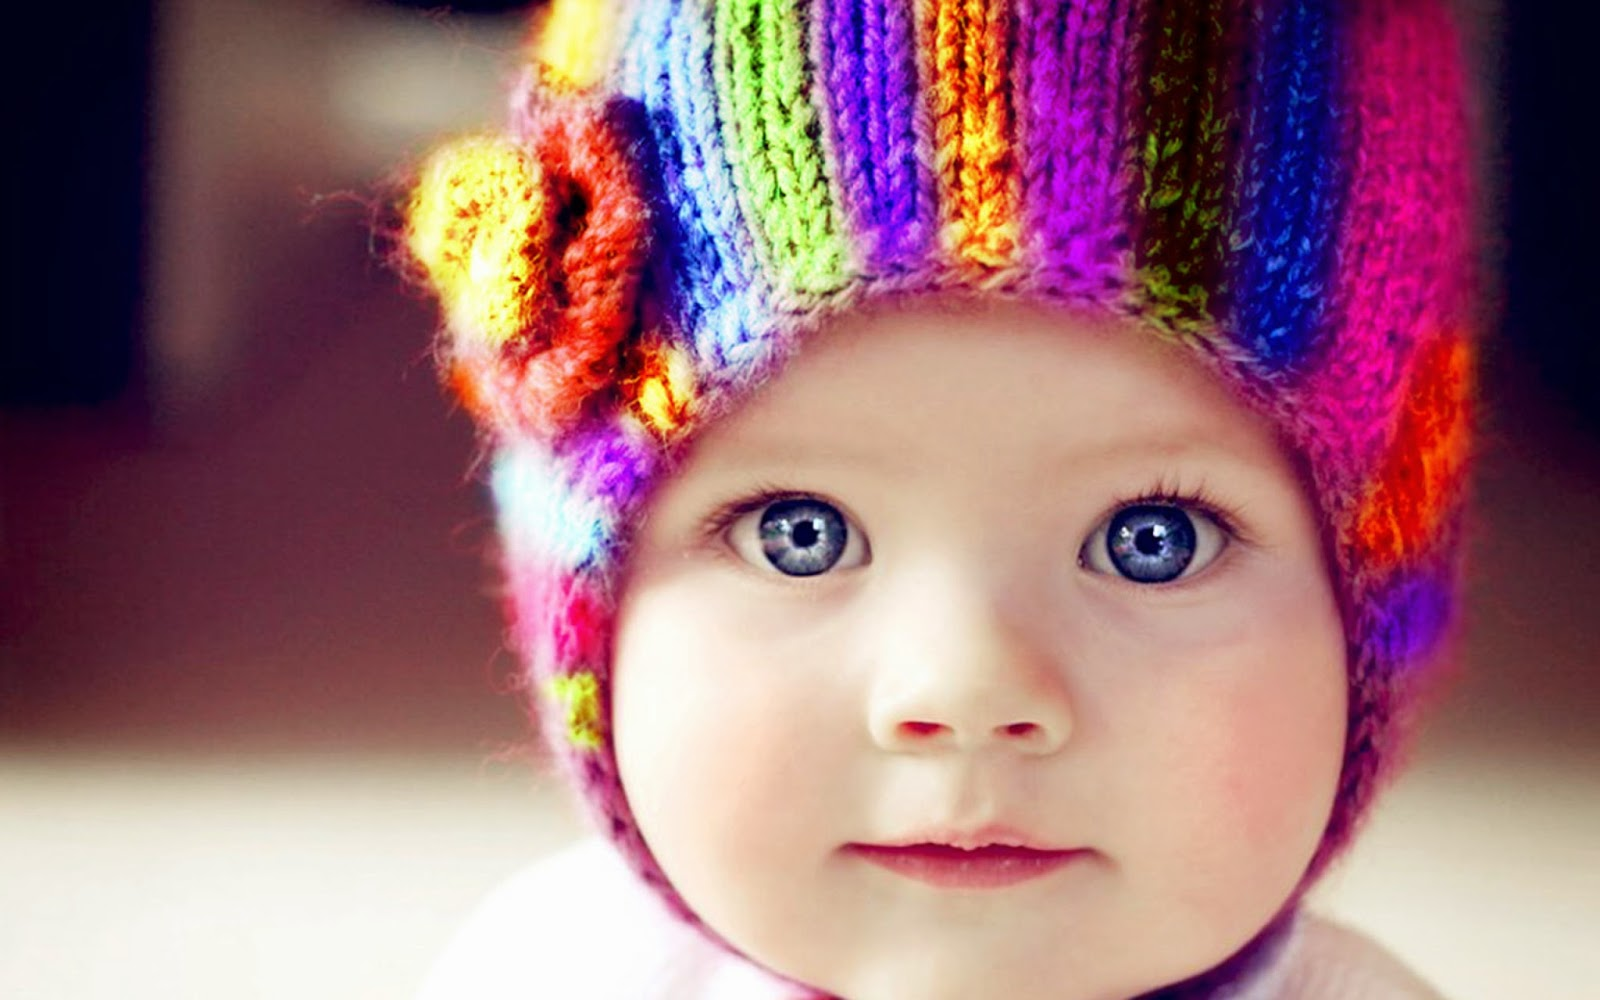 Wallpaper met baby met felblauwe ogen